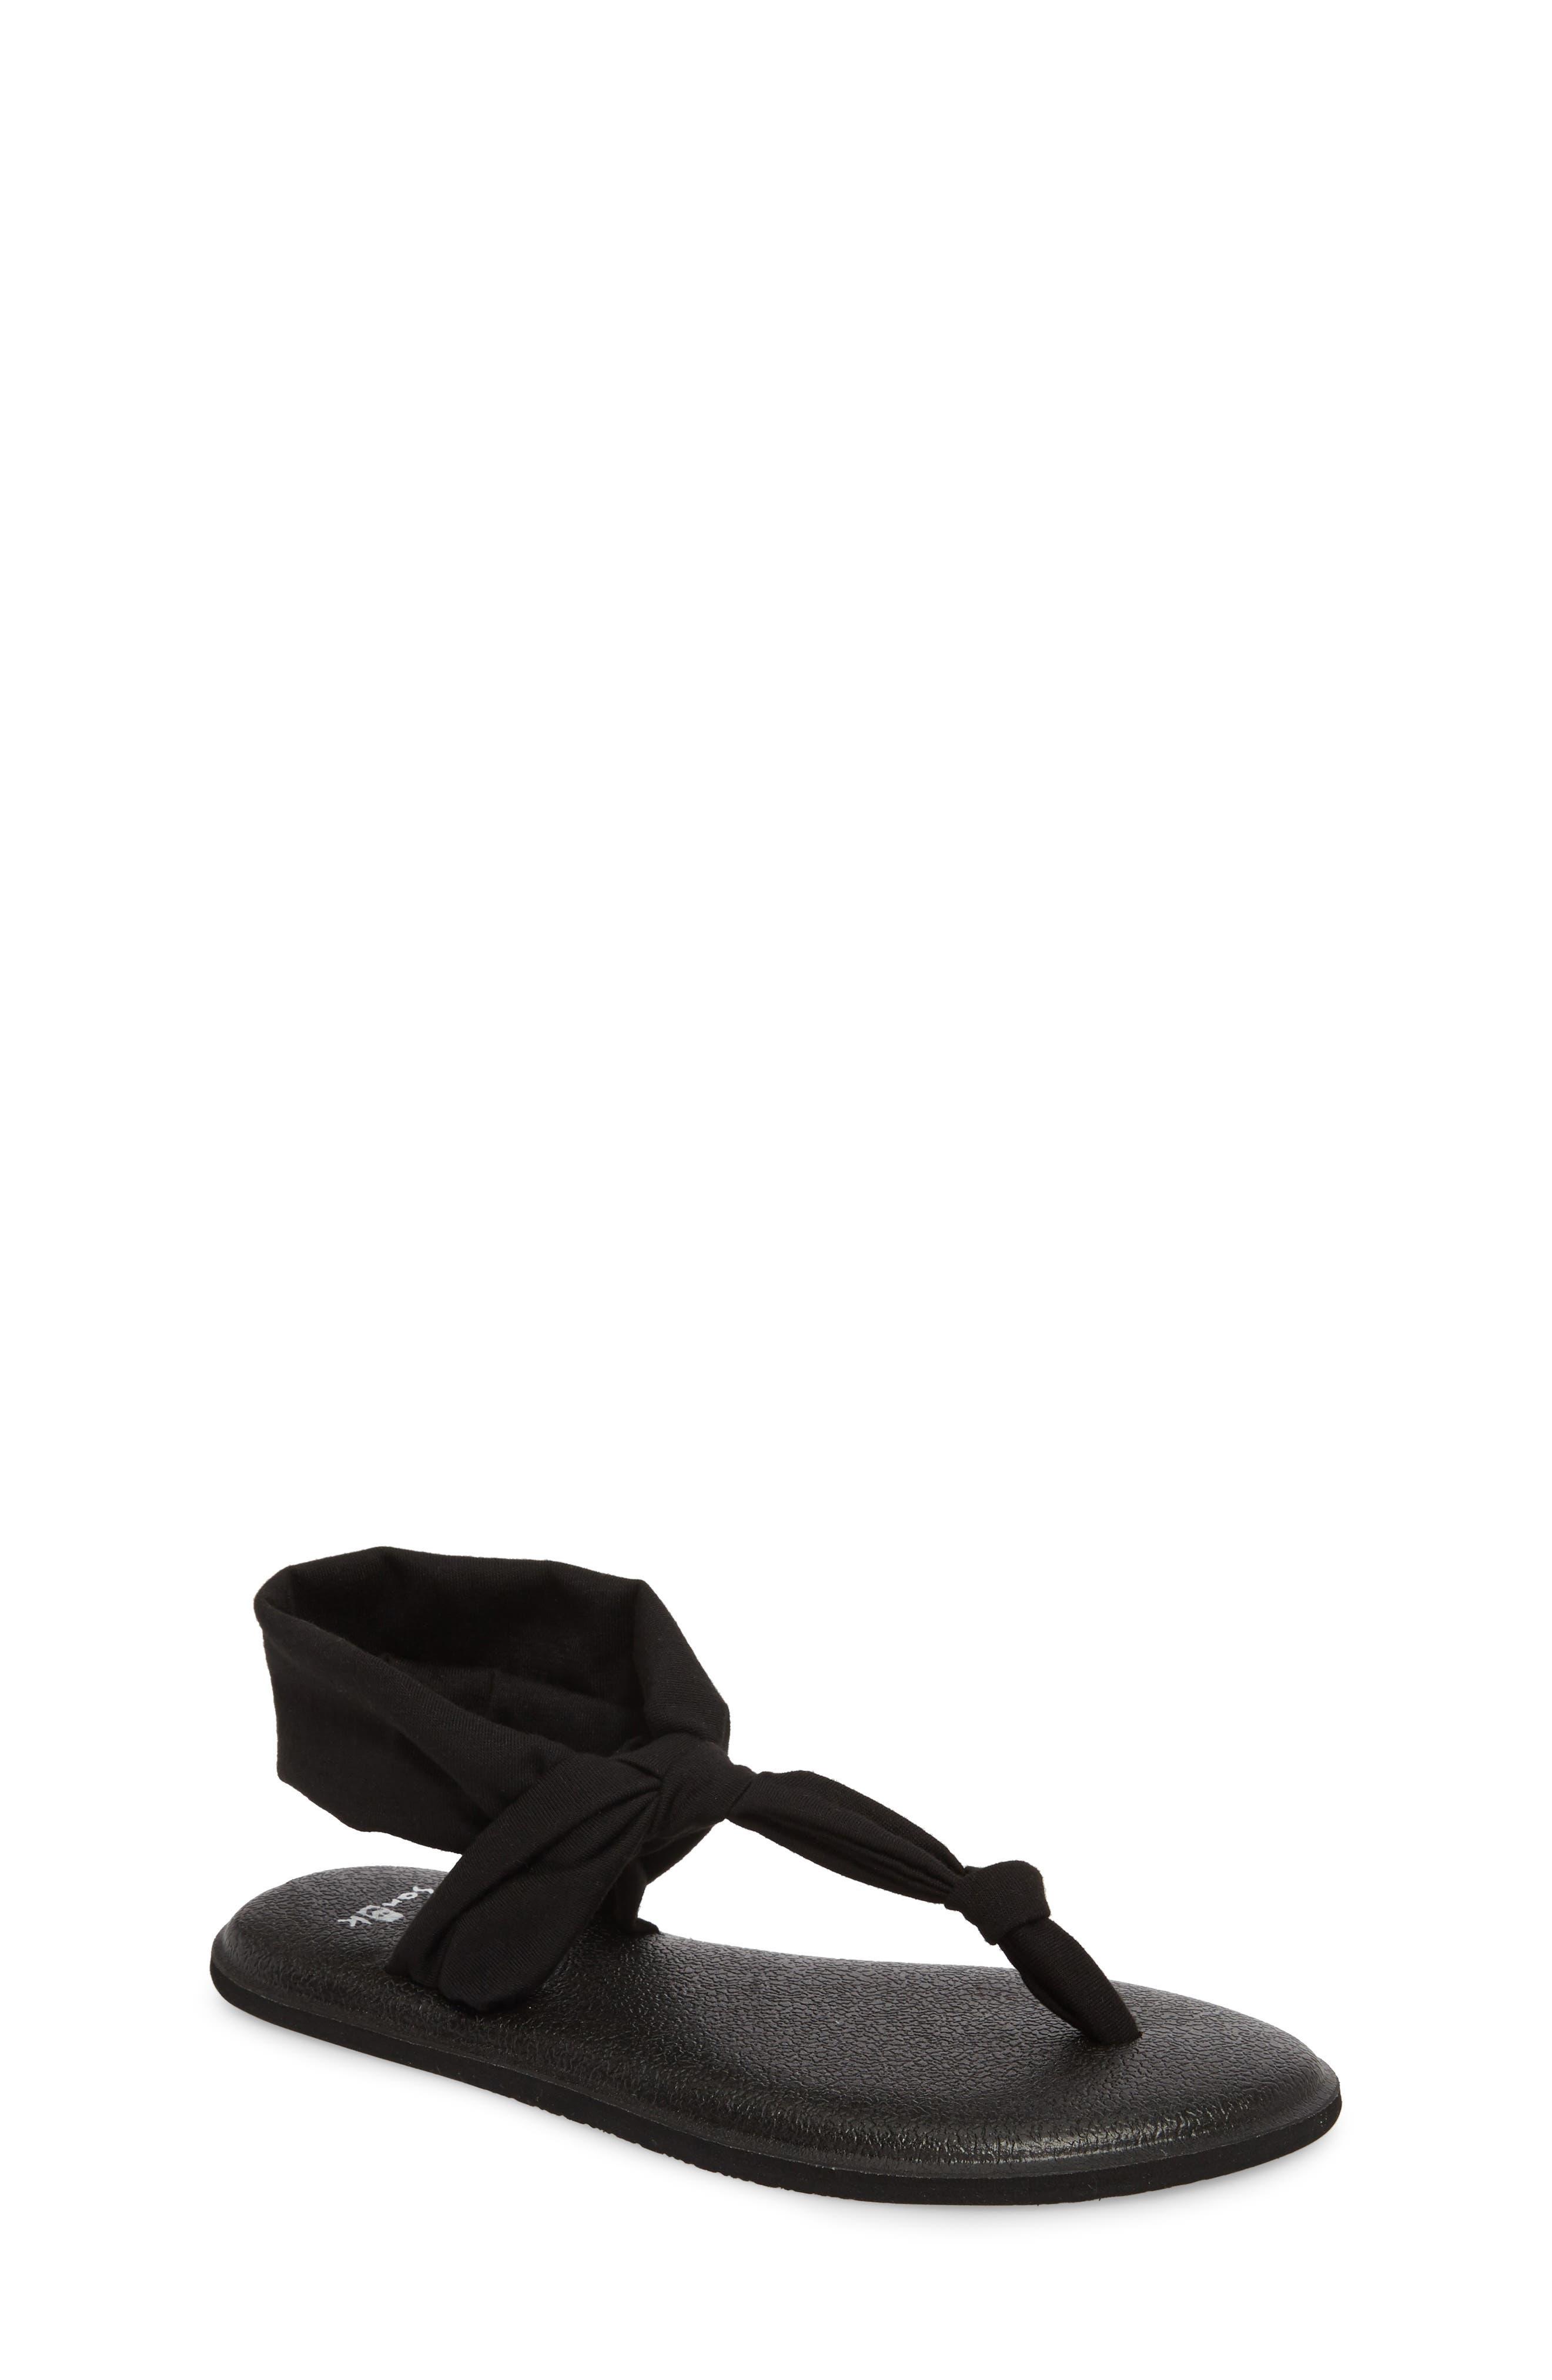 SANUK Yoga Sling Ella Sandal, Main, color, BLACK